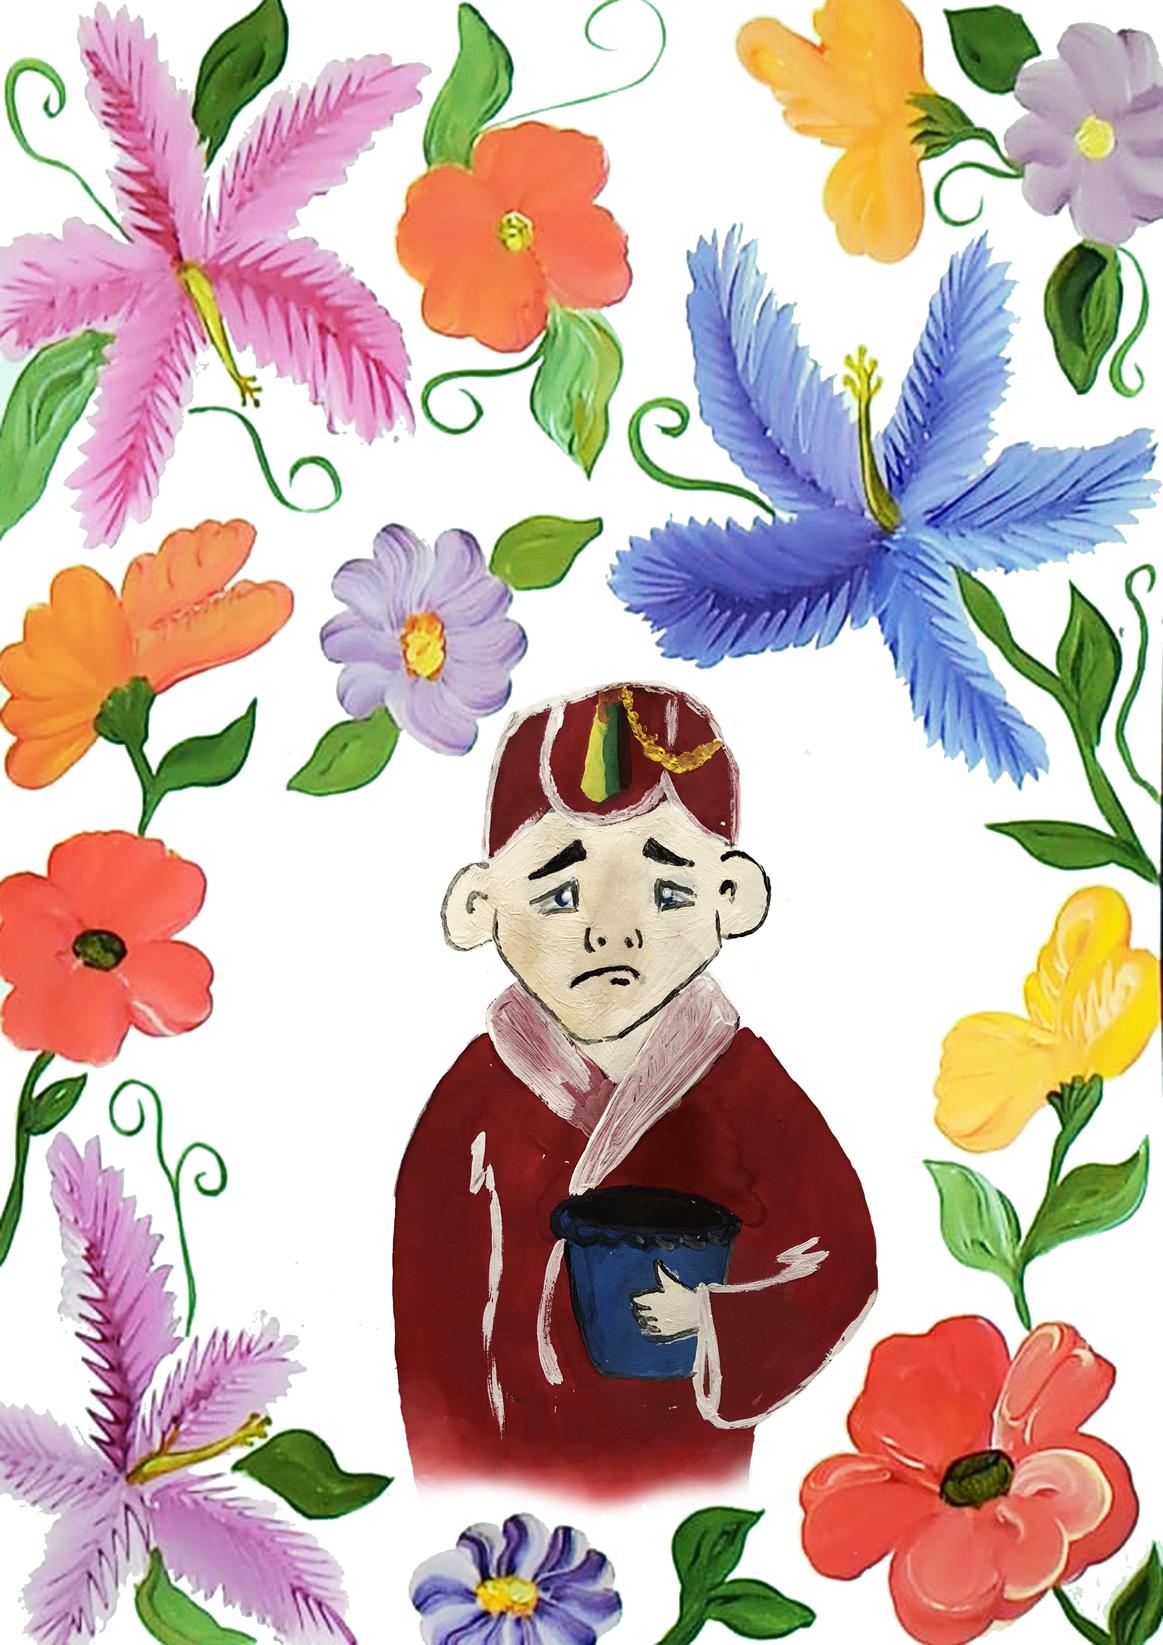 №543_Мальчик с пустым цветочным горшком.